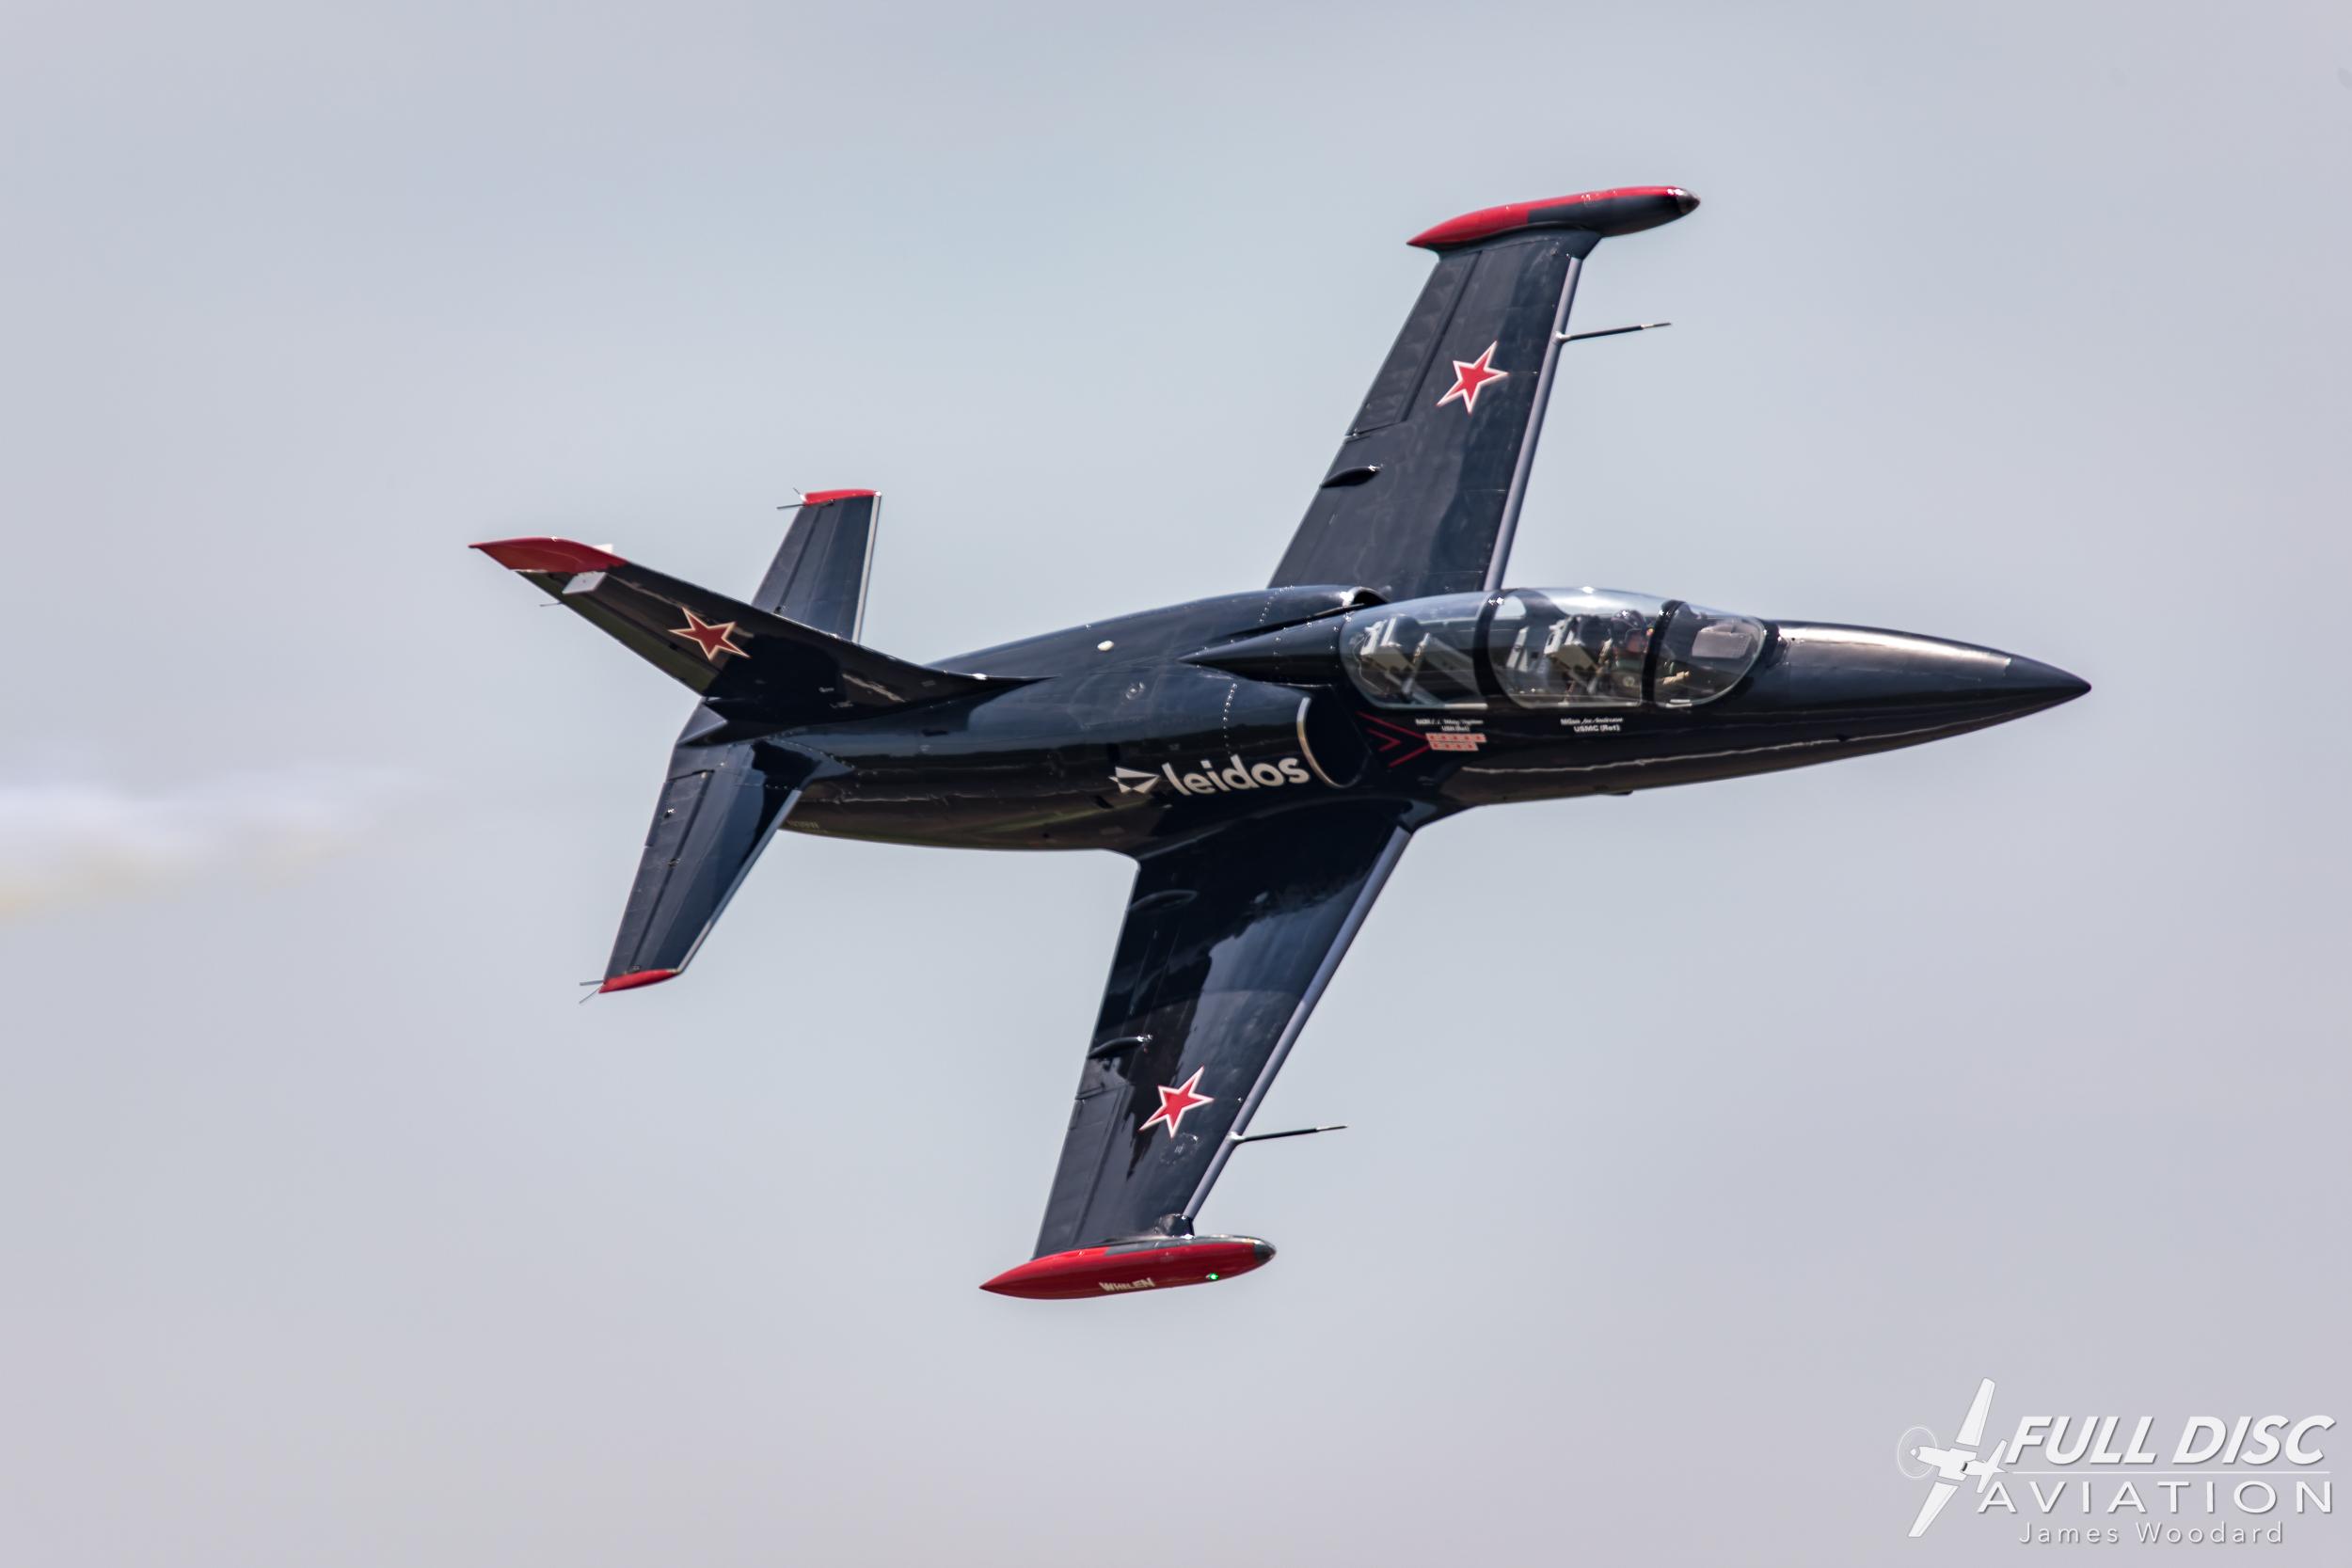 Nalls Aviation-May 04, 2018-01.jpg